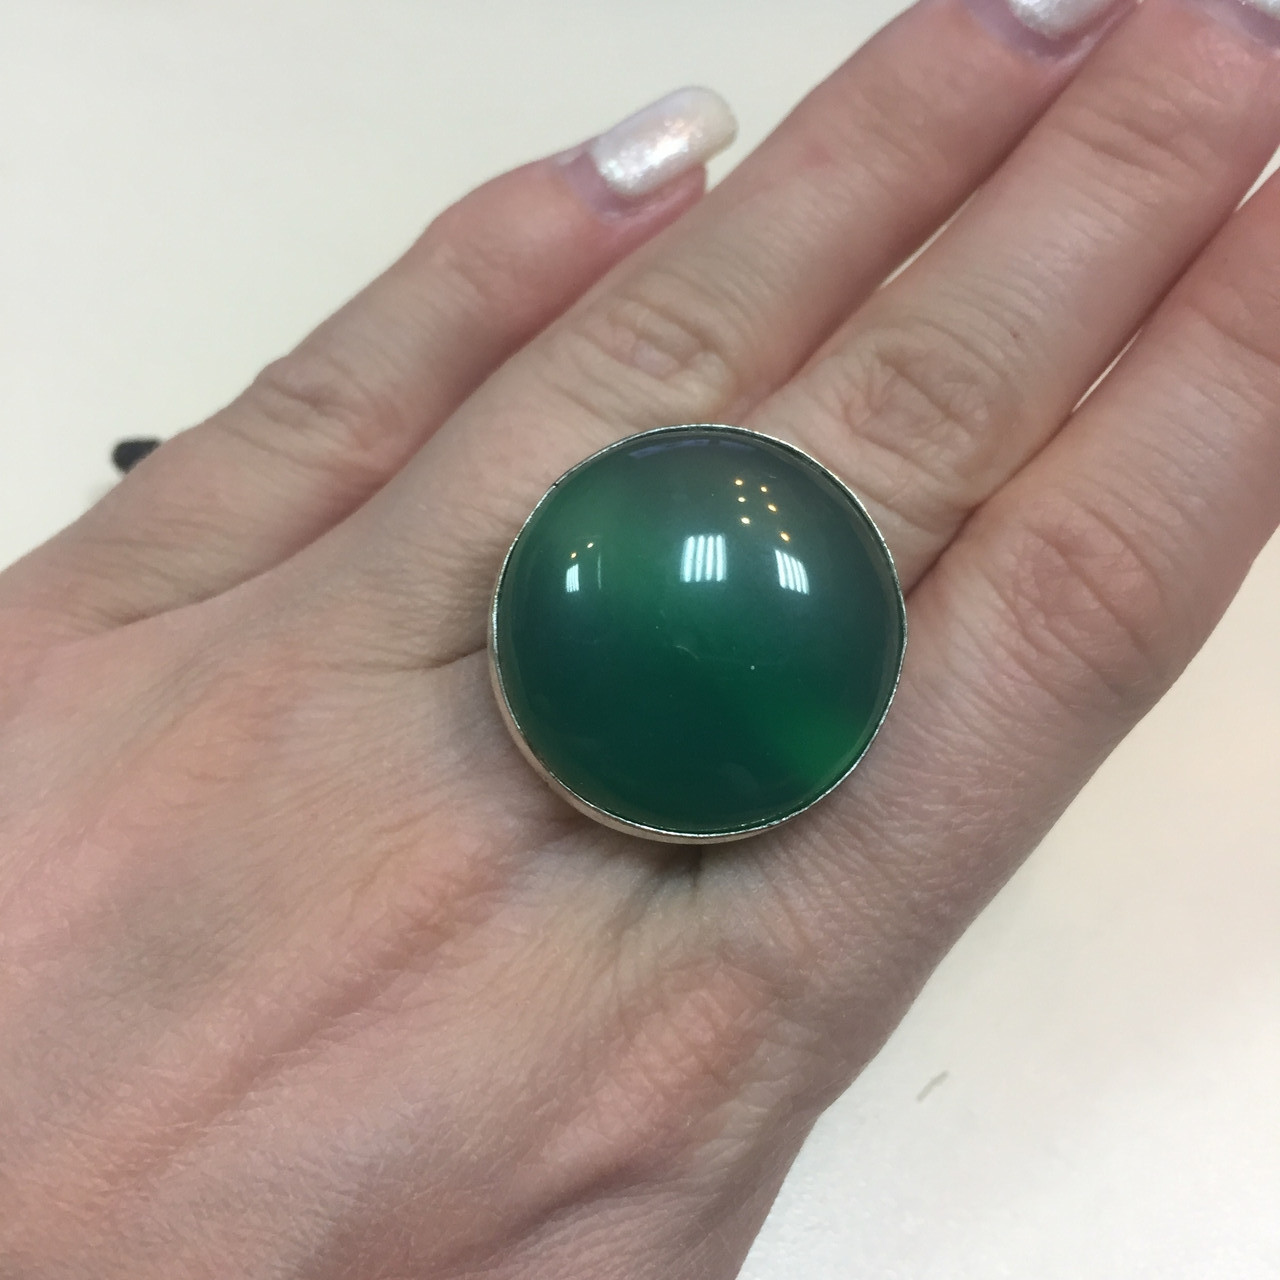 Хризопраз круглое кольцо с хризопразом 16,5 размер. Кольцо природный хризопраз в серебре Индия